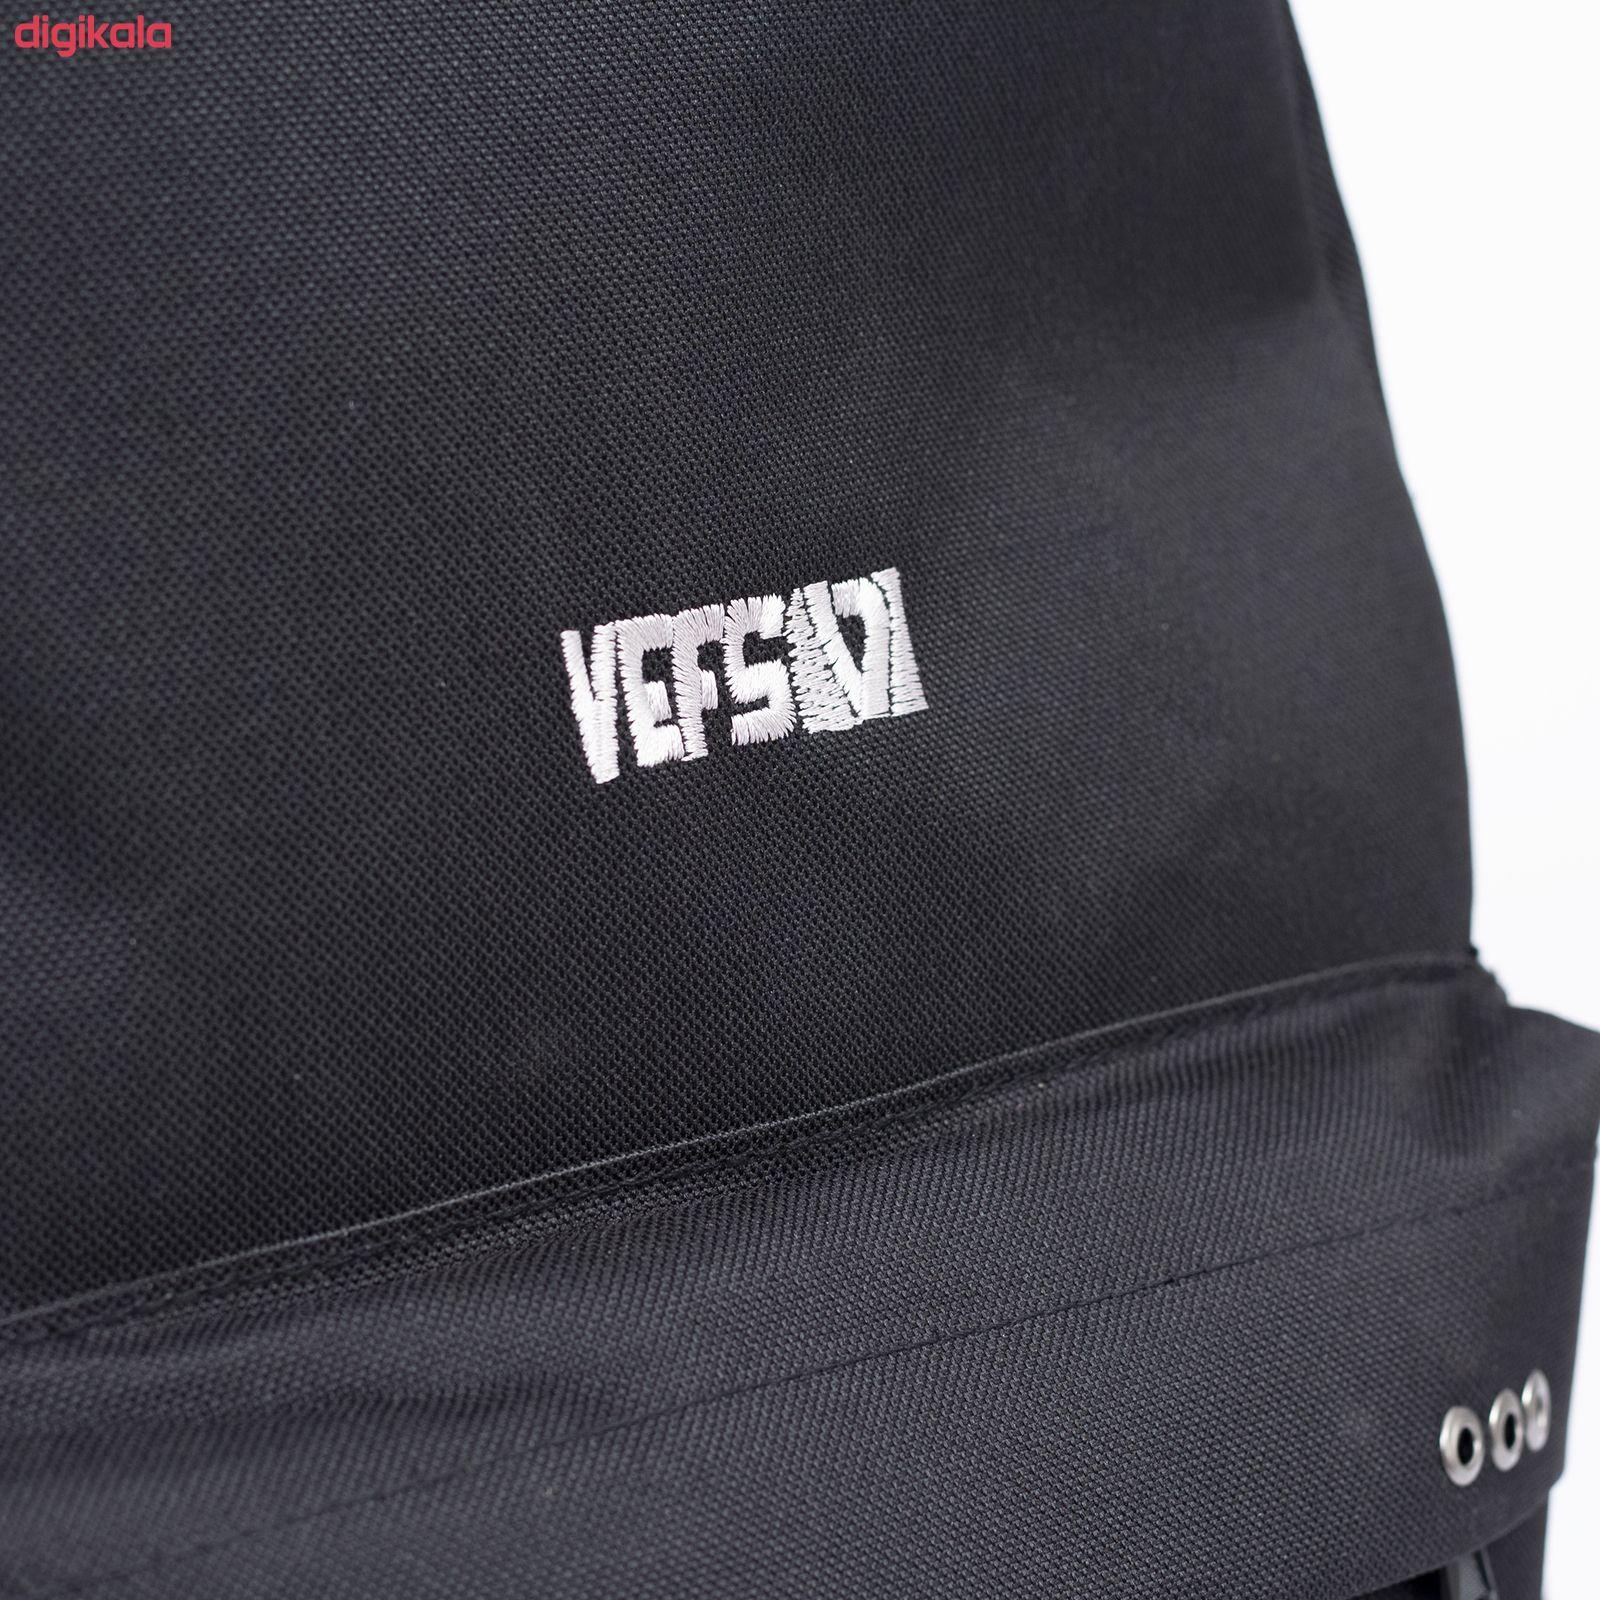 کوله پشتی وفس مدل VS-183 main 1 5